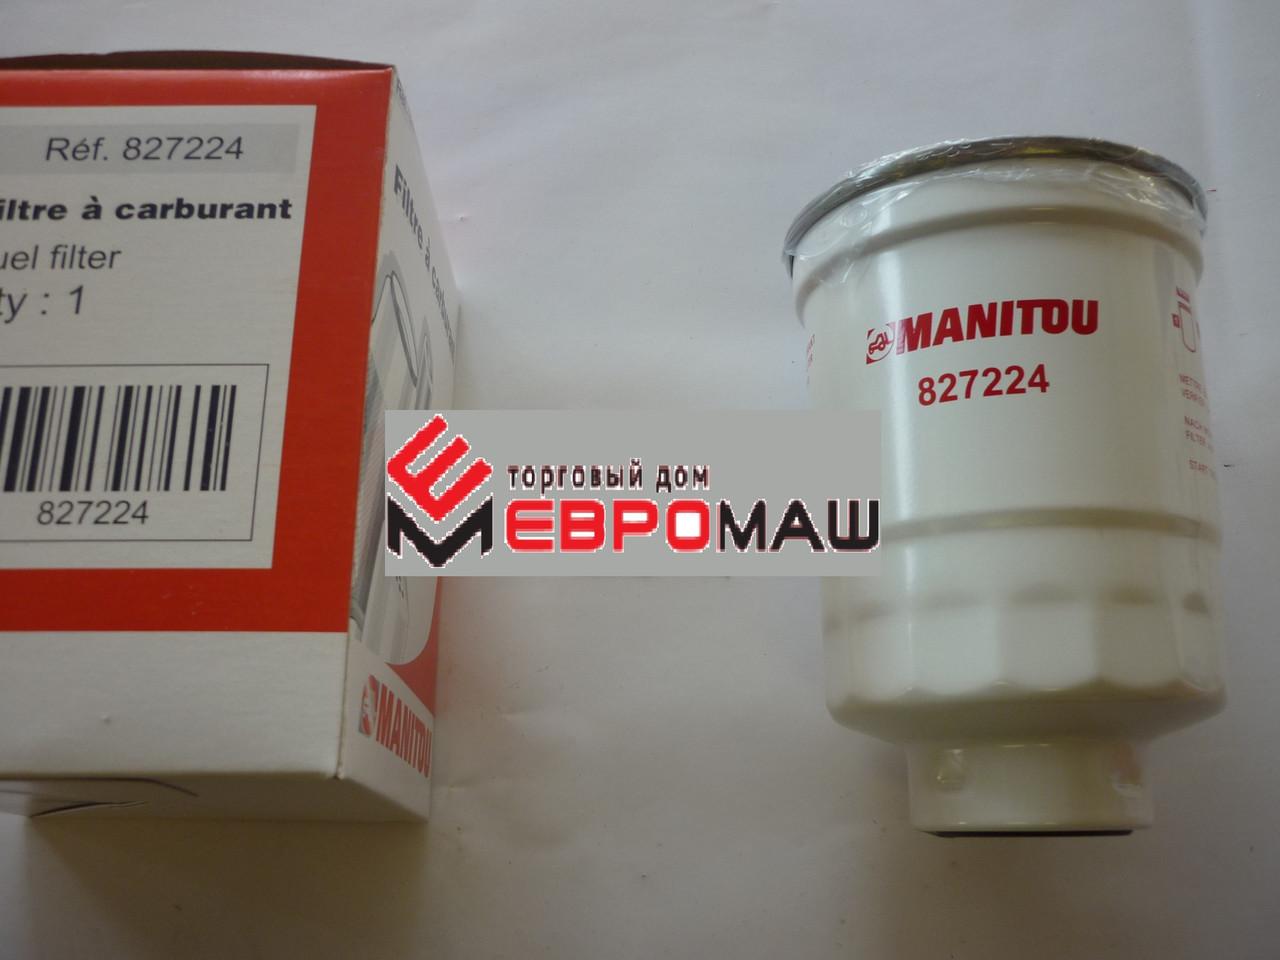 827224 Фильтр топливный грубой очистки Manitou (Маниту) OEM (оригинал)